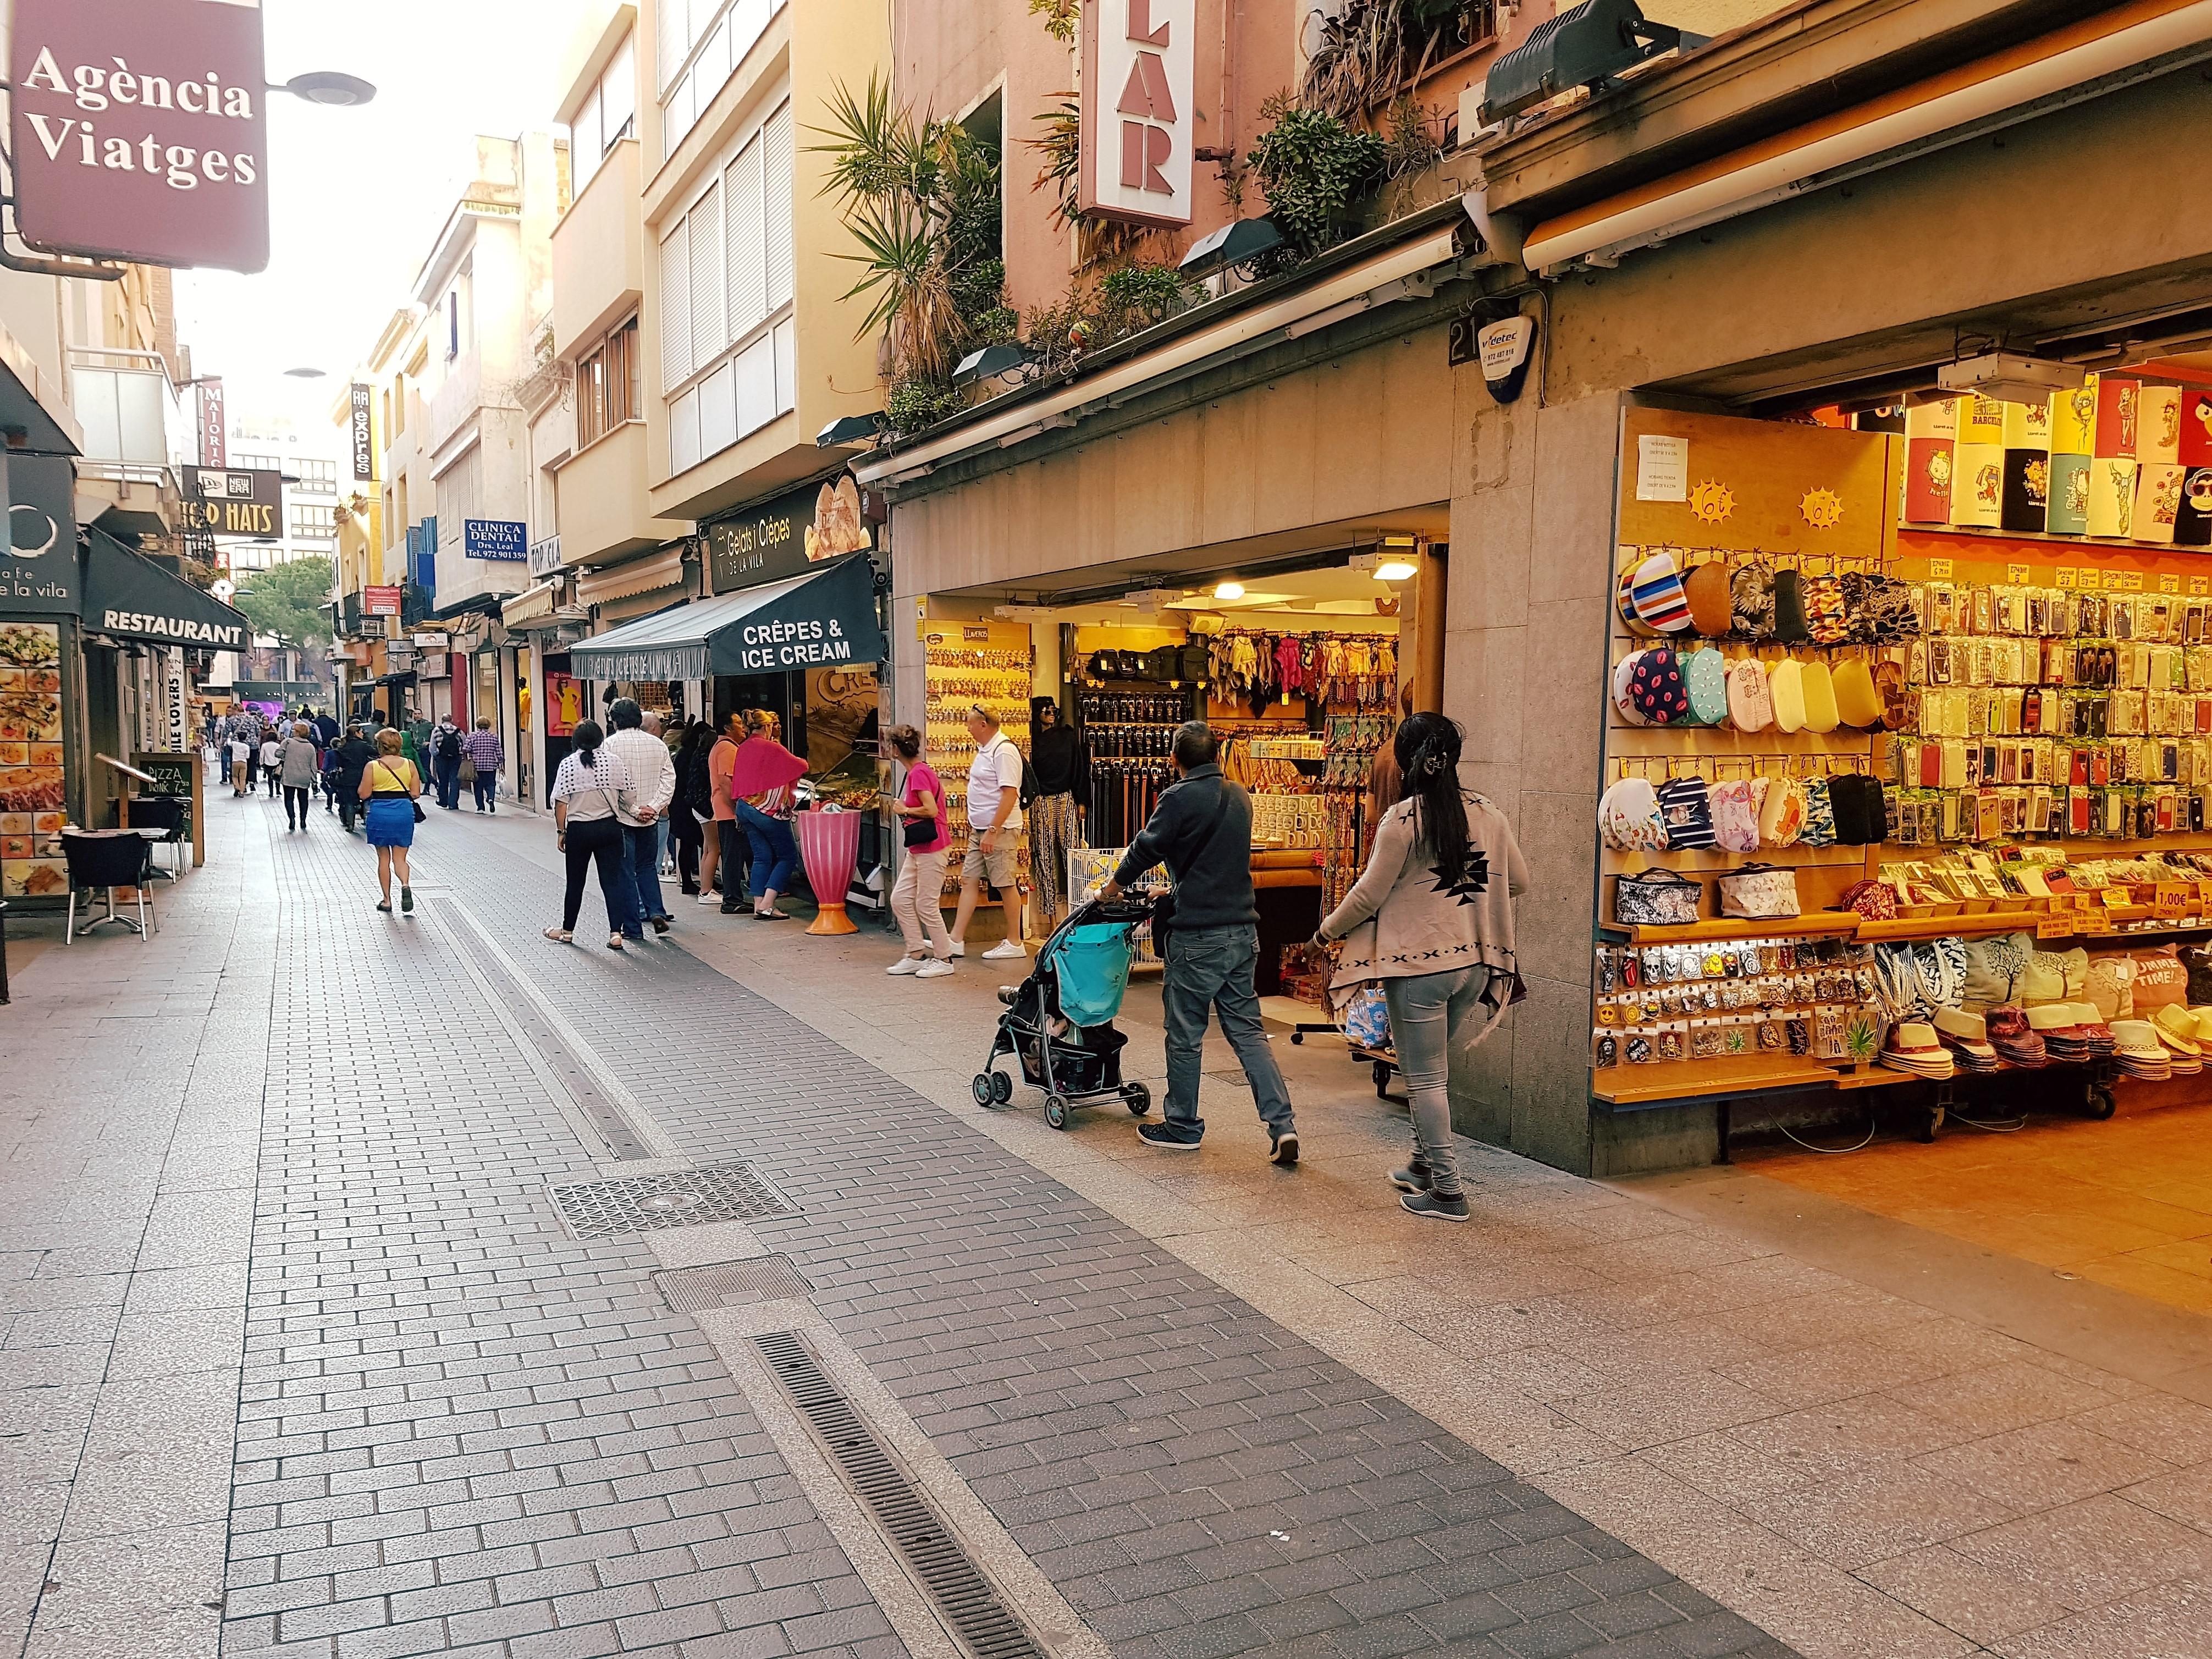 shops, shops, shops